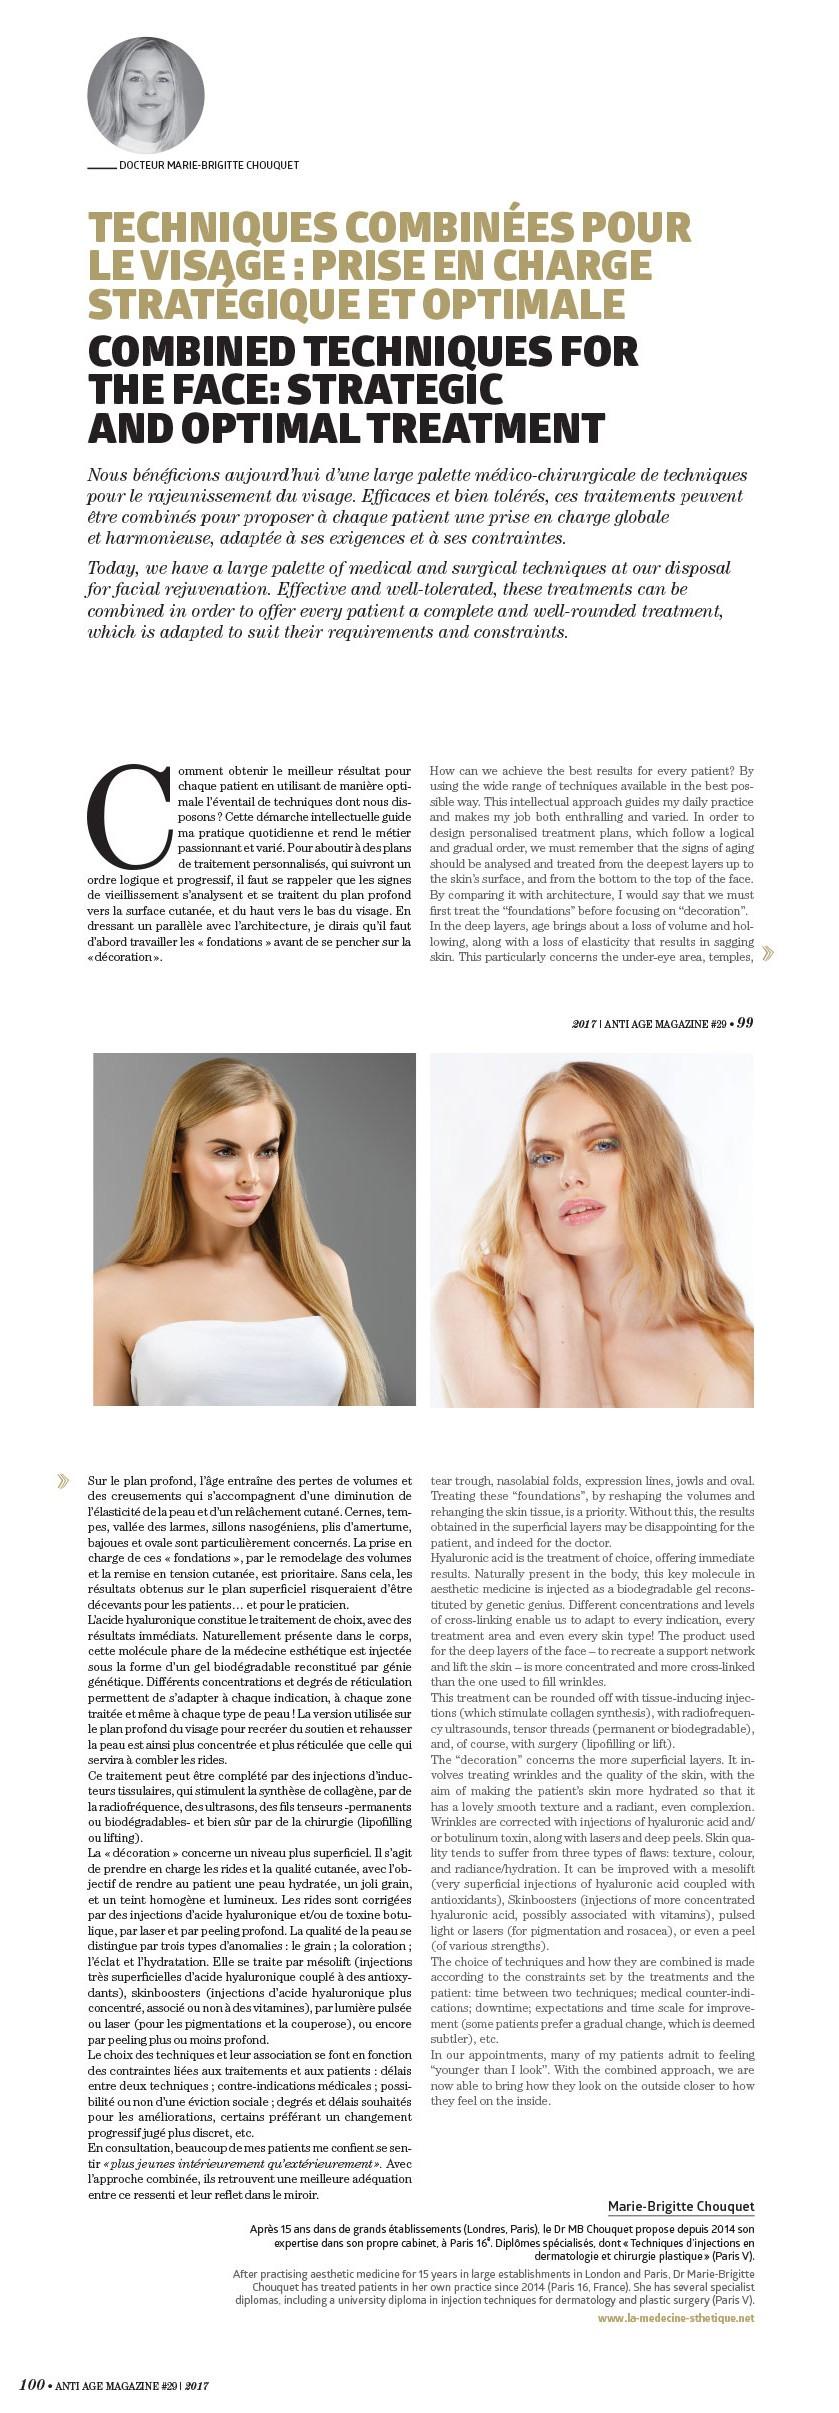 Parution du magazine Anti-age - Médecine esthétique à Paris   Dr Chouquet